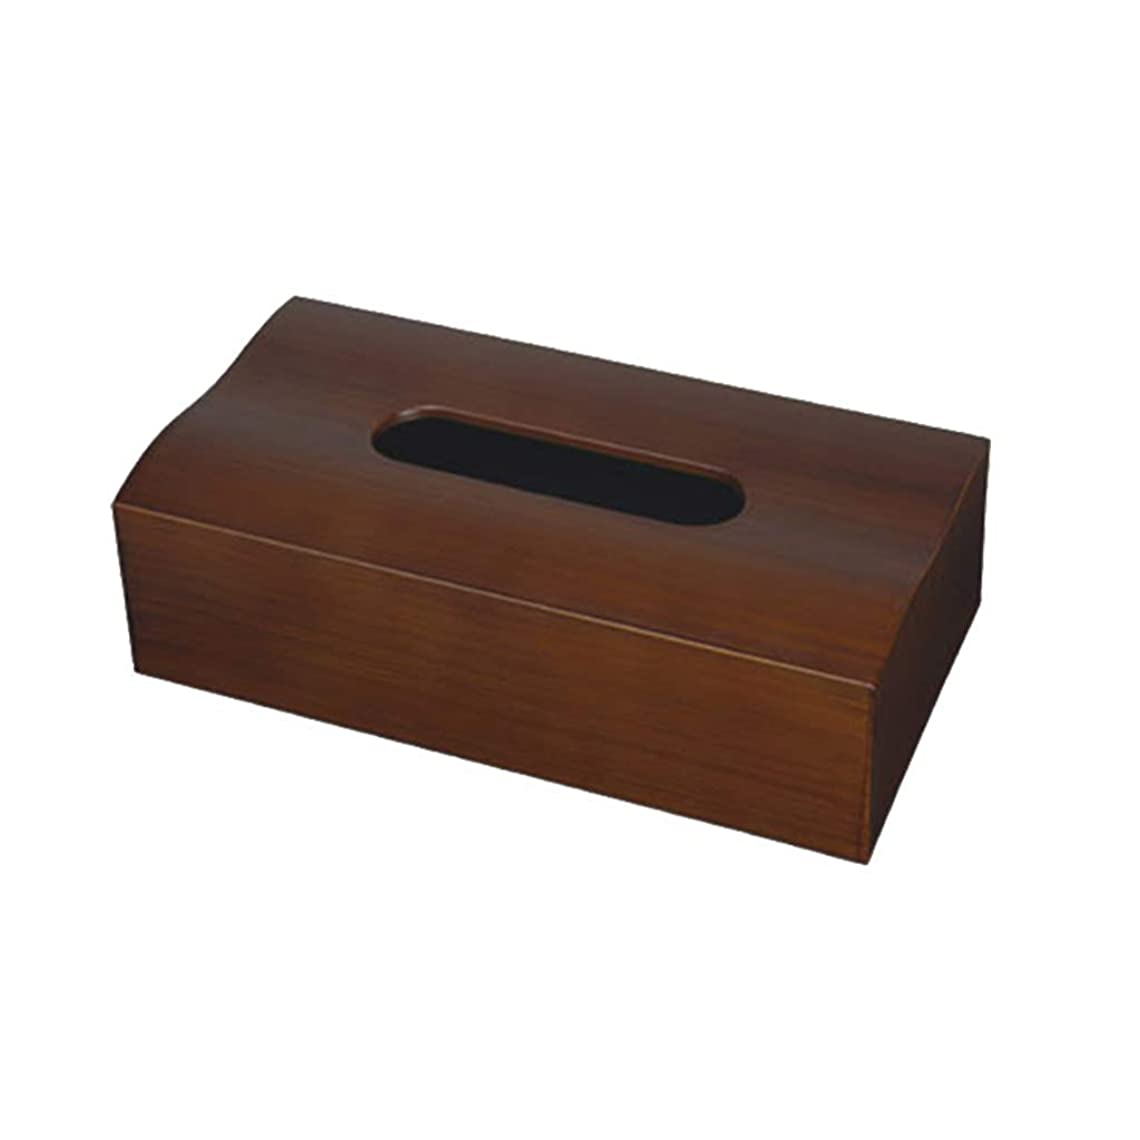 ジャーナルヒープ睡眠GWM ポータブルティッシュボックスホルダー長方形/ティッシュ収納カバーケース/ナプキンディスペンサー、自宅用ホテルカーギフト、ブラウン